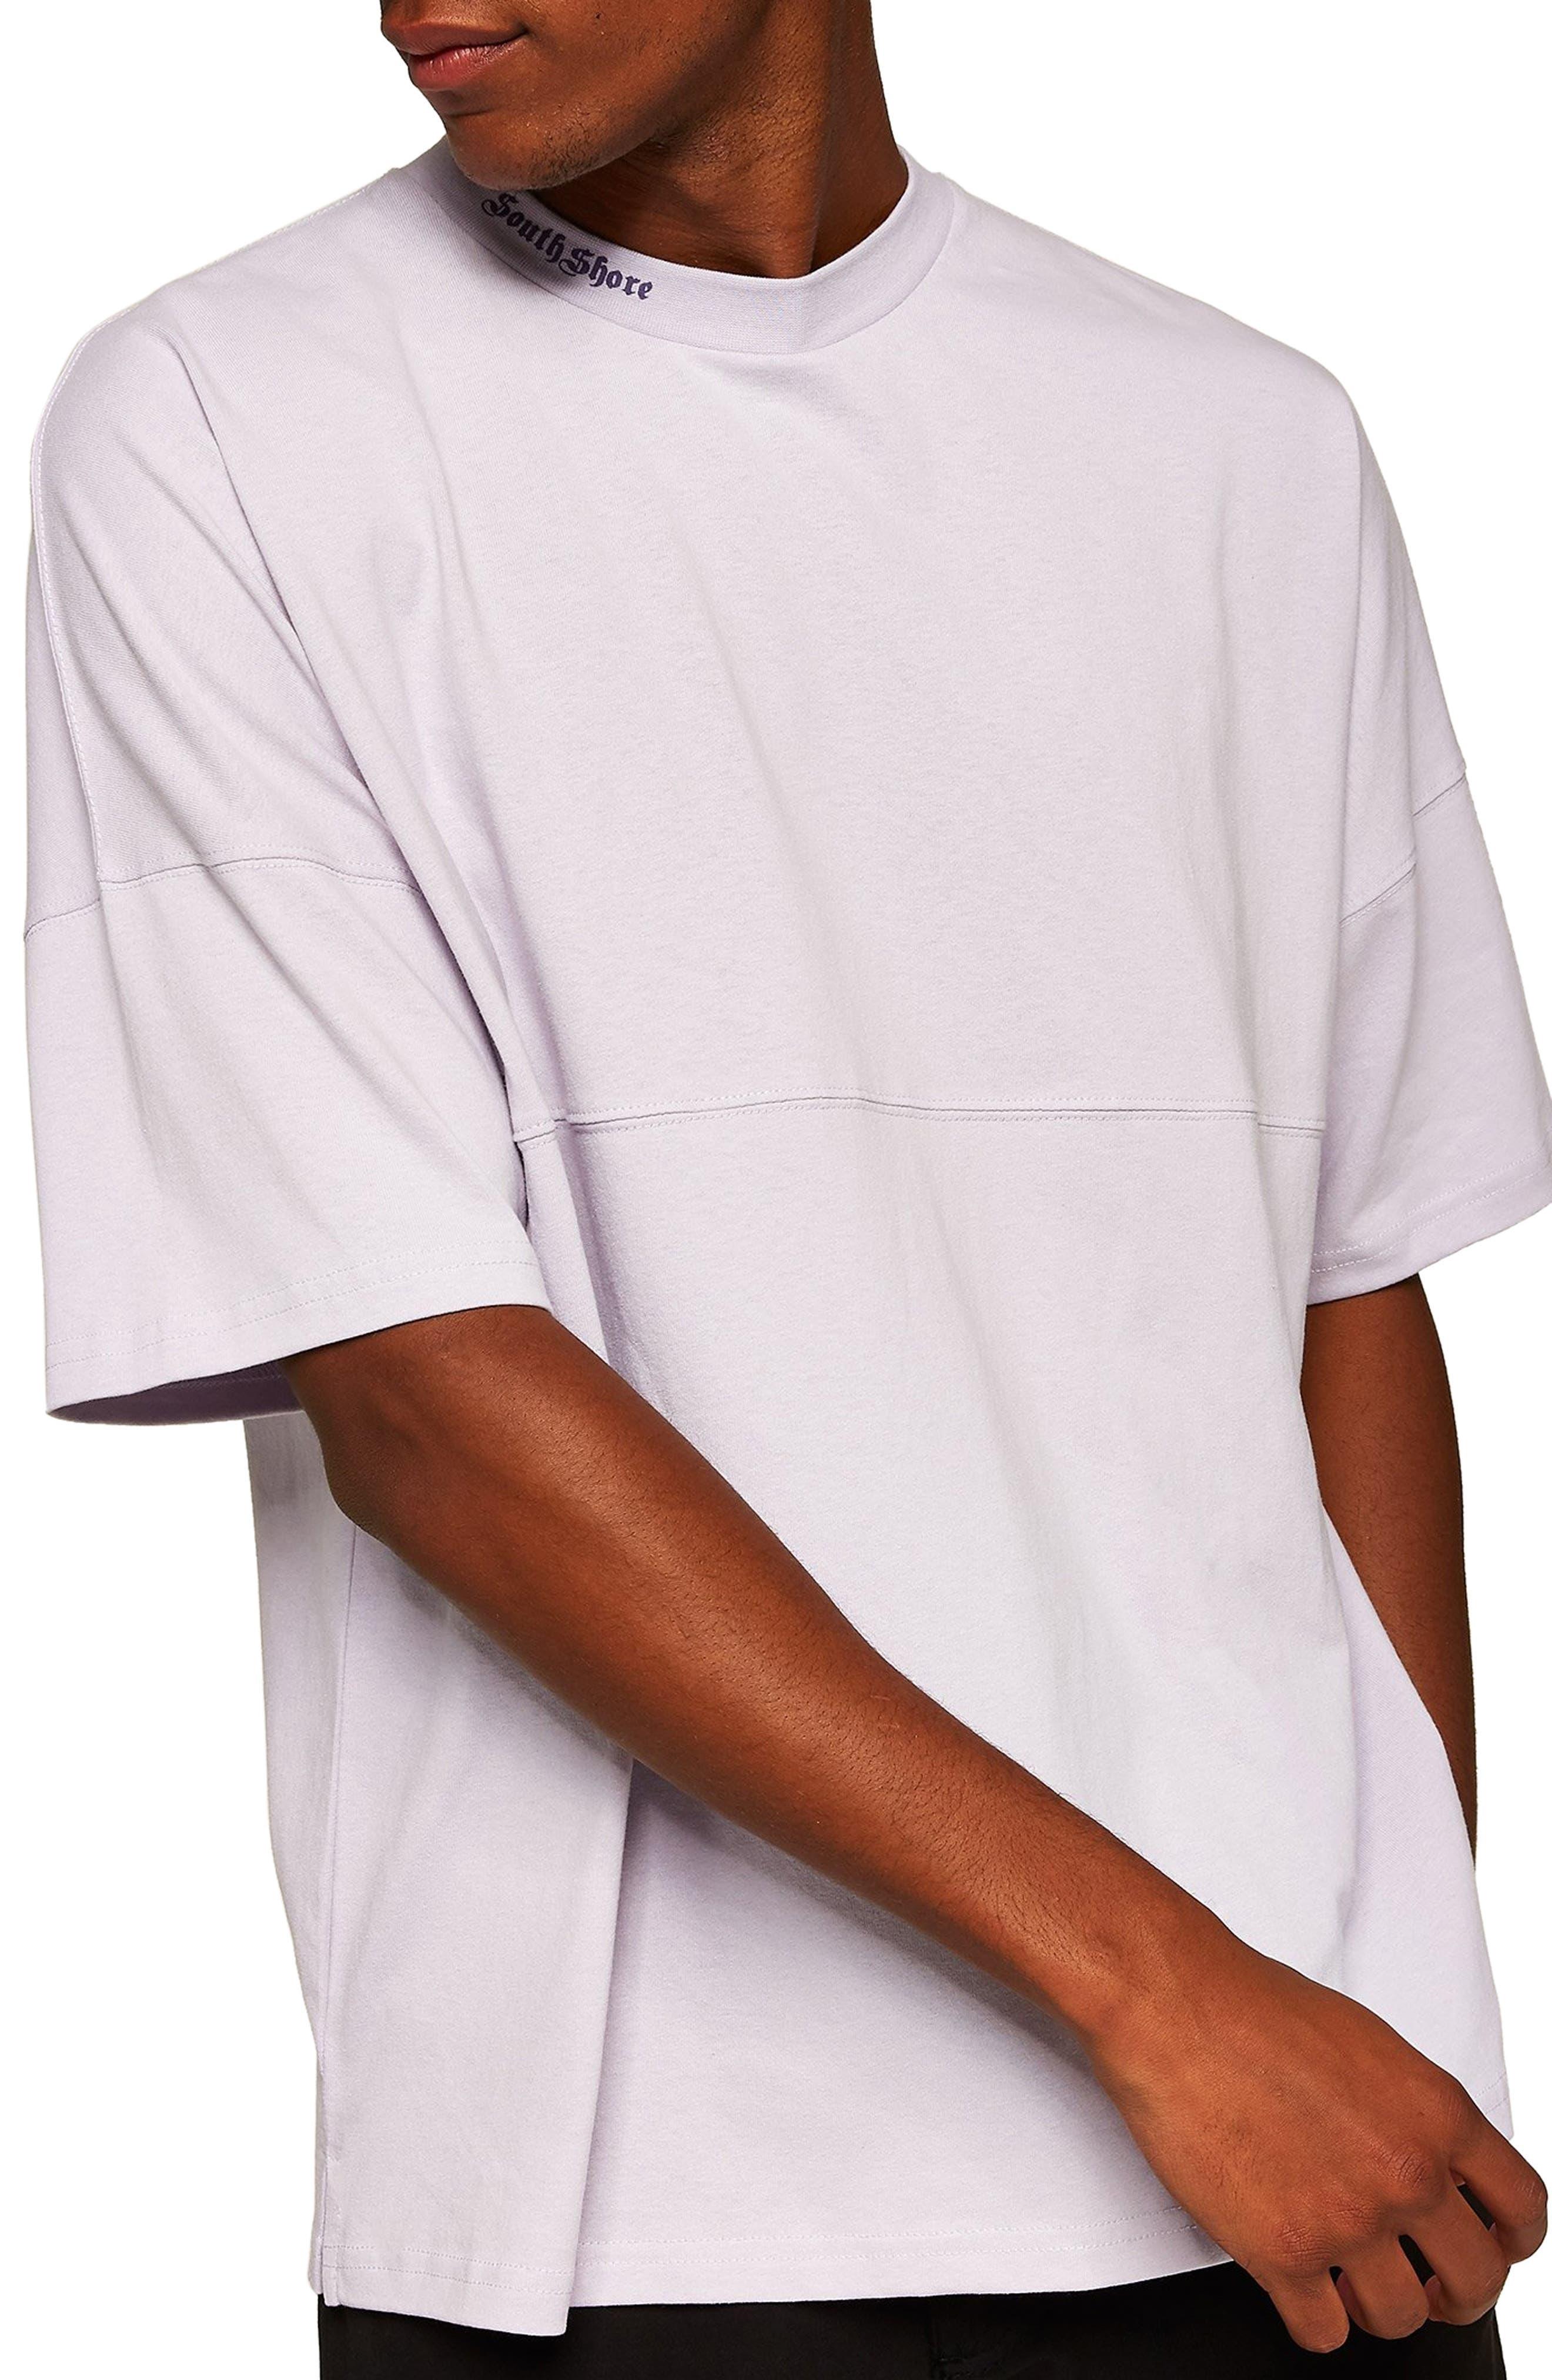 Southshore Oversize T-Shirt,                             Main thumbnail 1, color,                             PURPLE